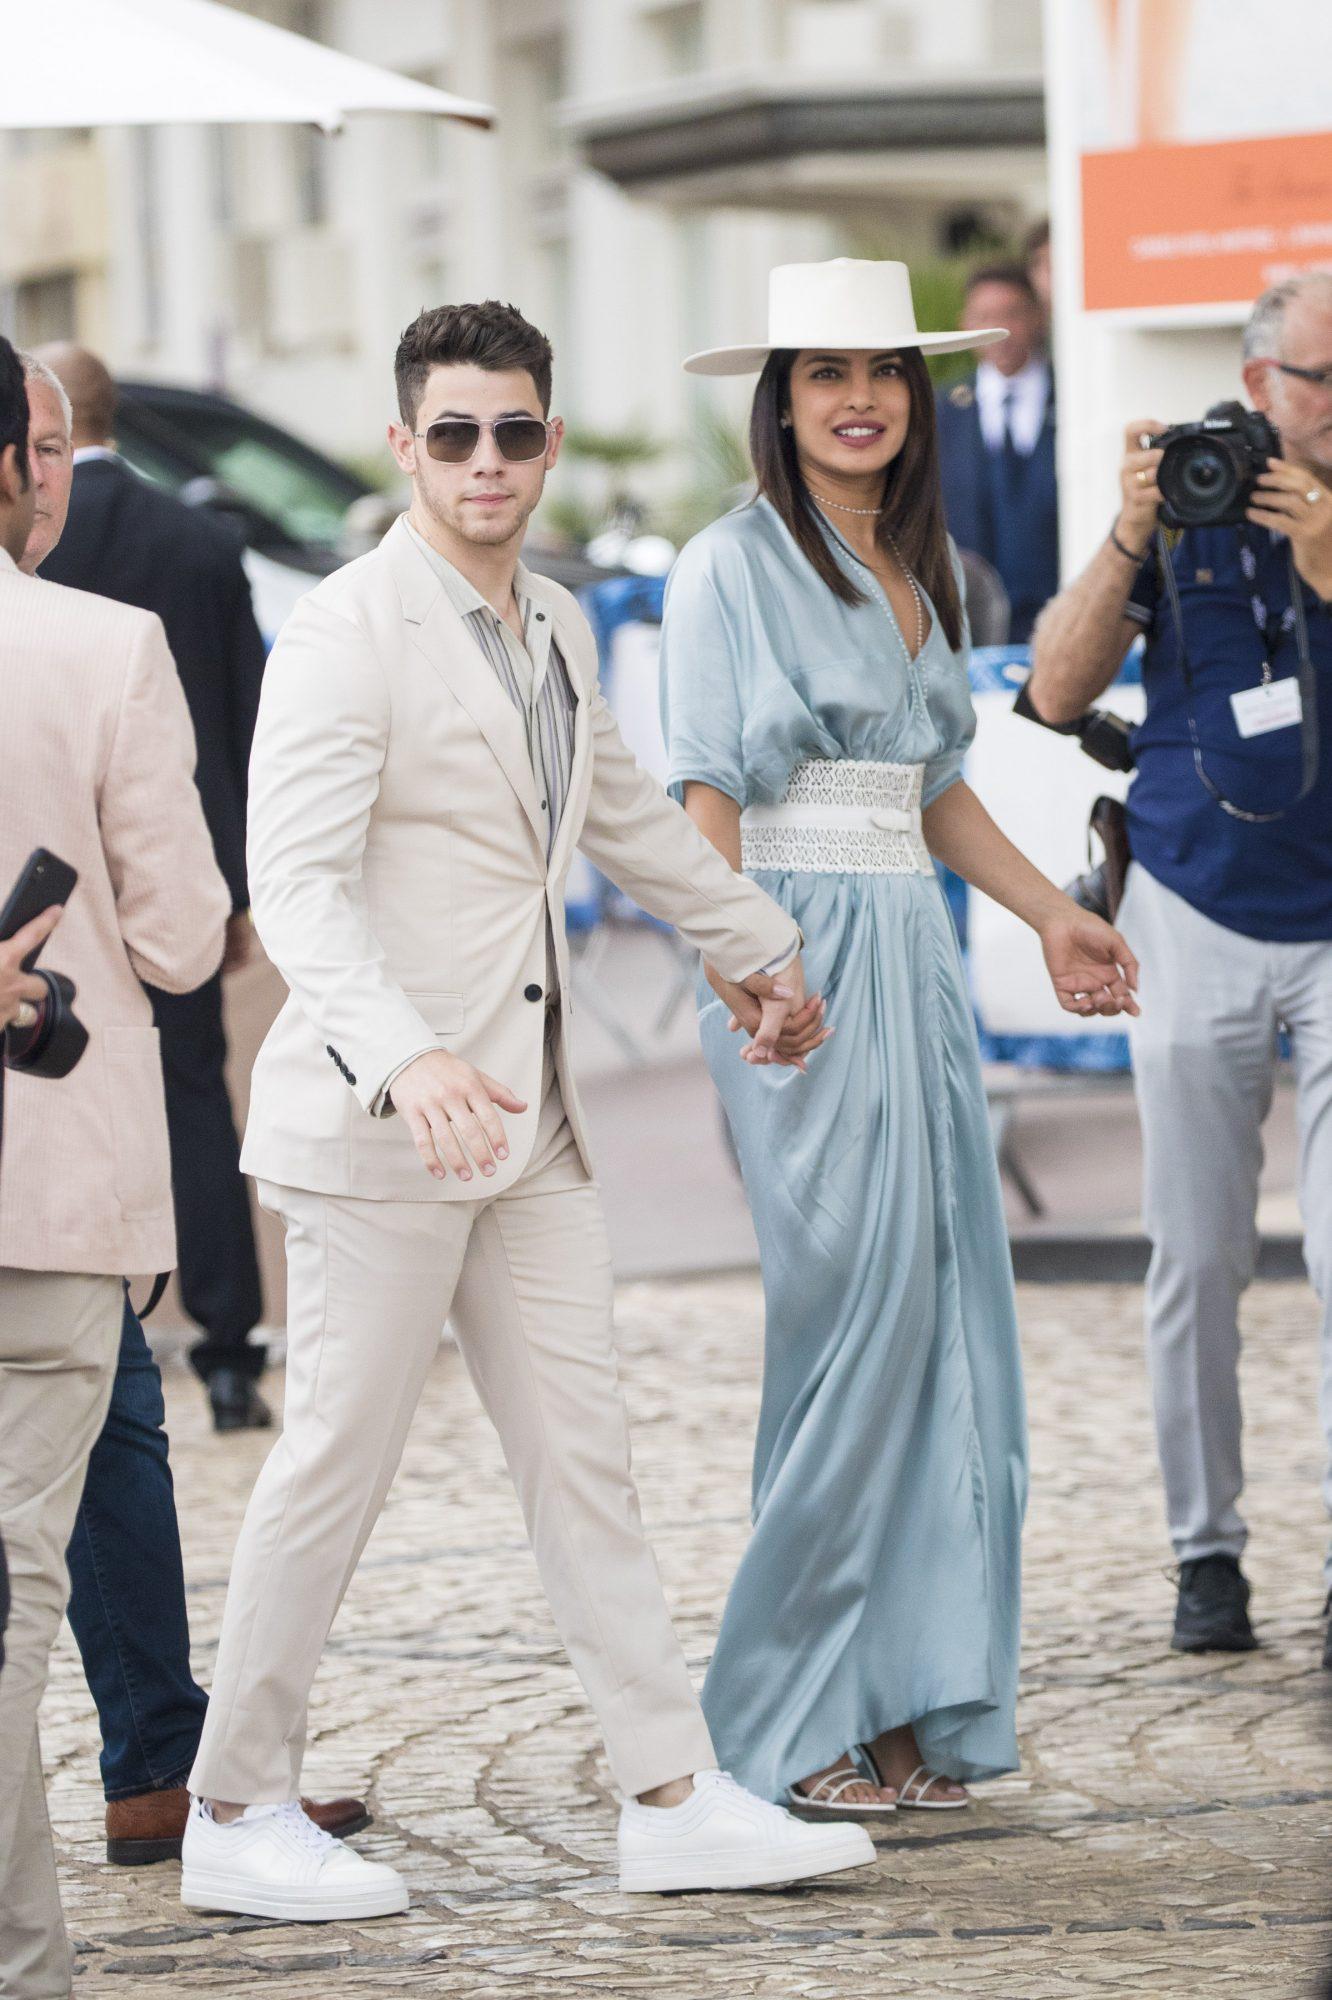 Priyanka Chopra best fashion looks ever Cannes film festival